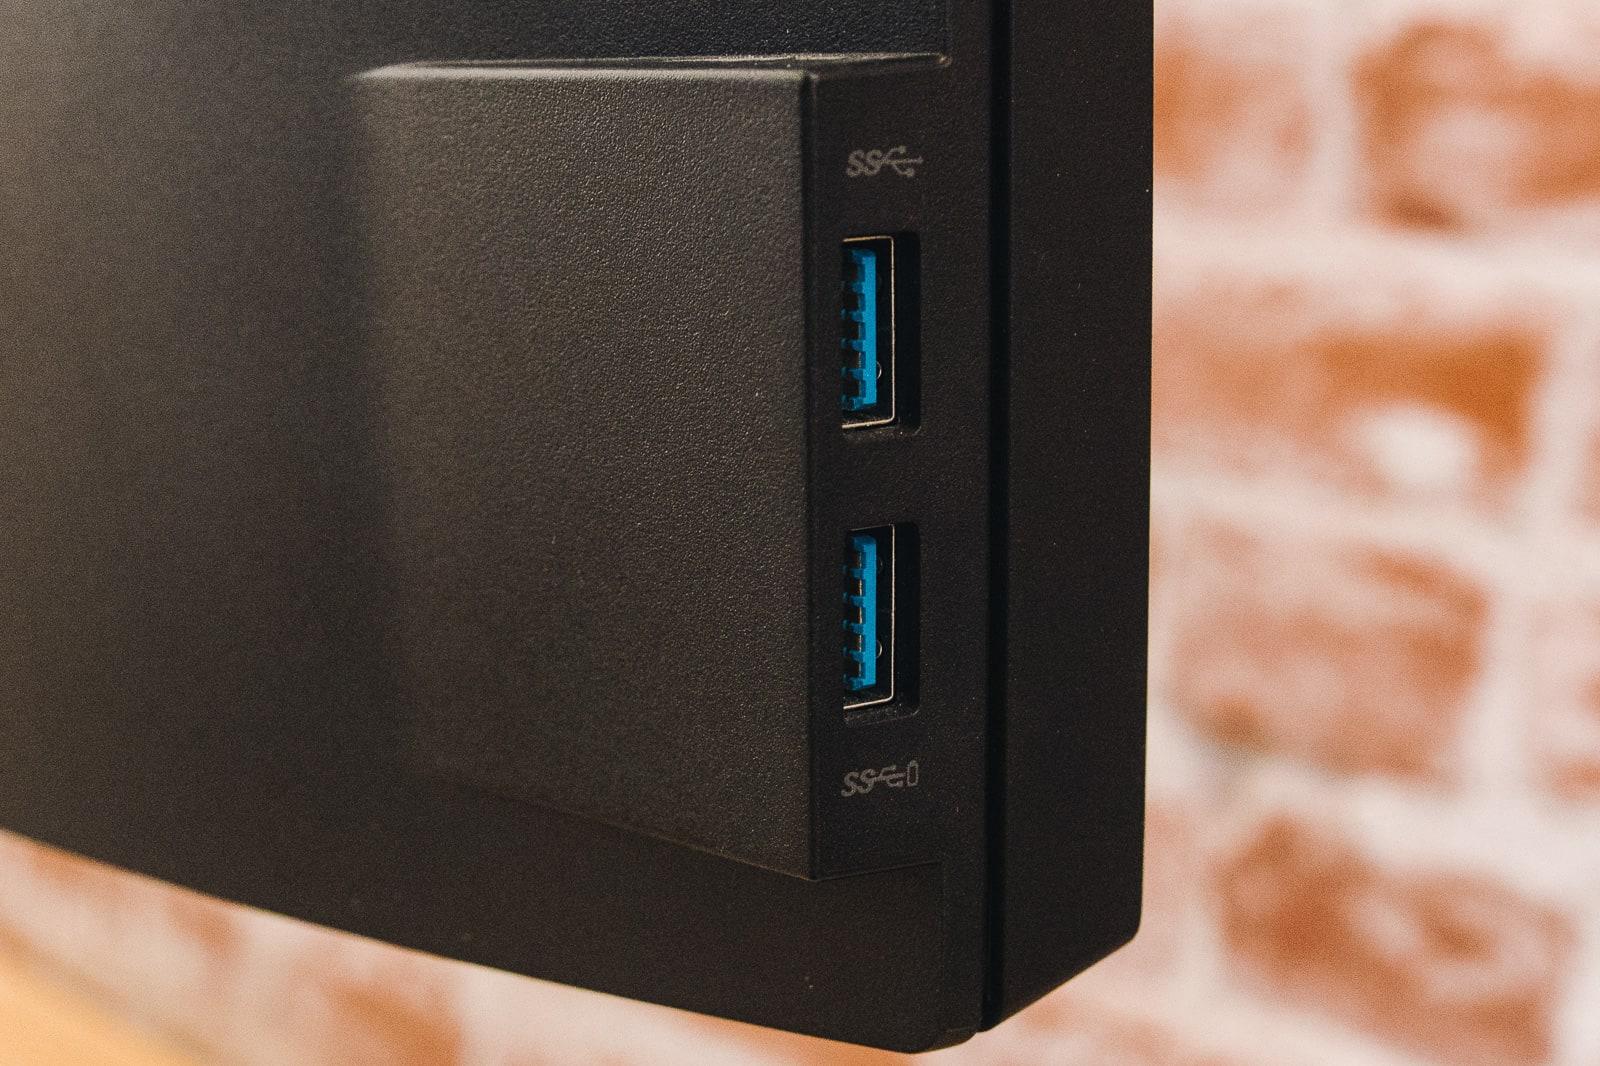 Ultrawide monitors